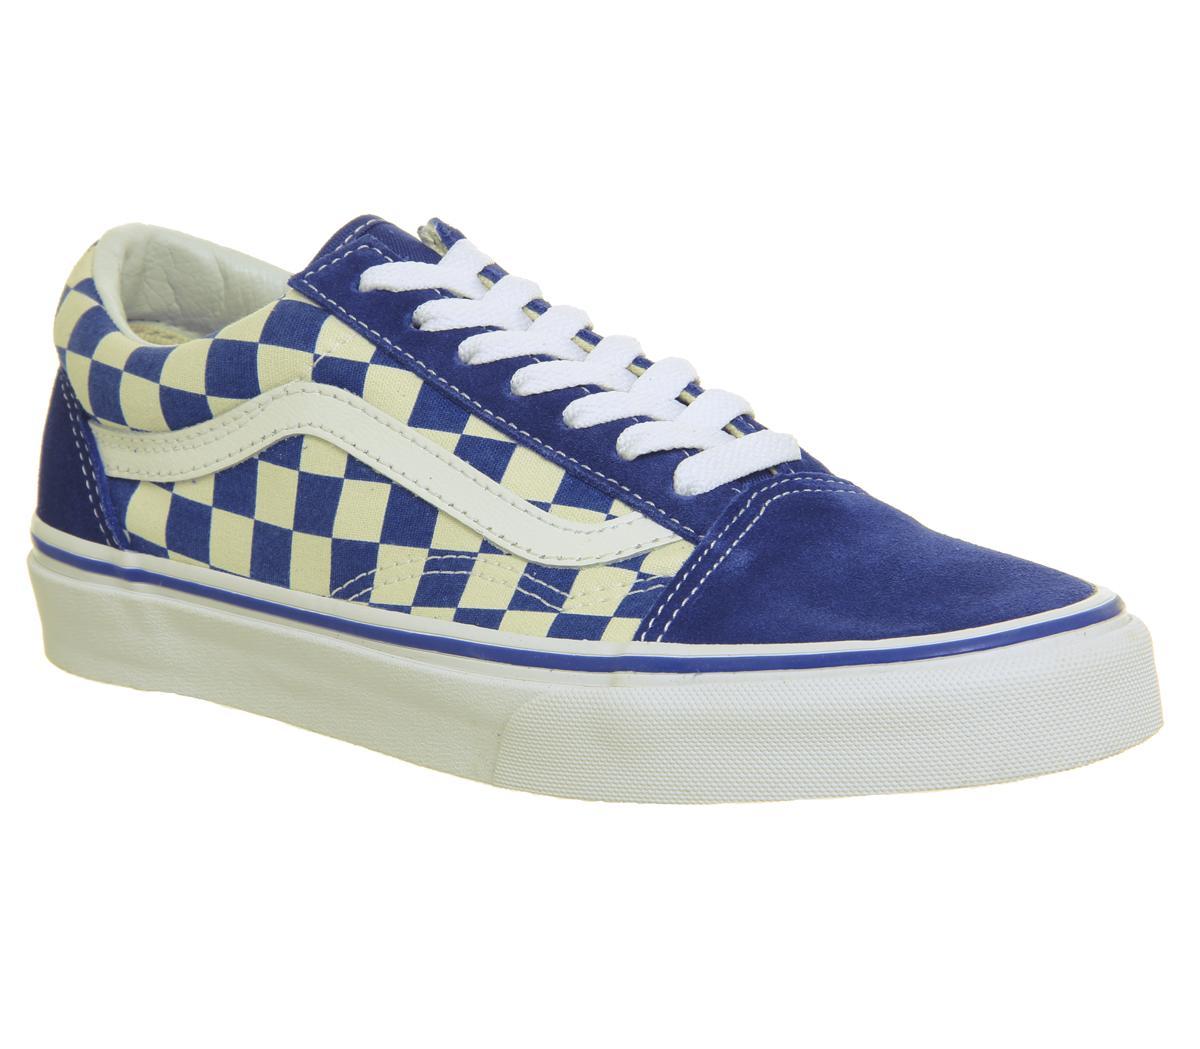 Vans Old Skool Trainers True Blue